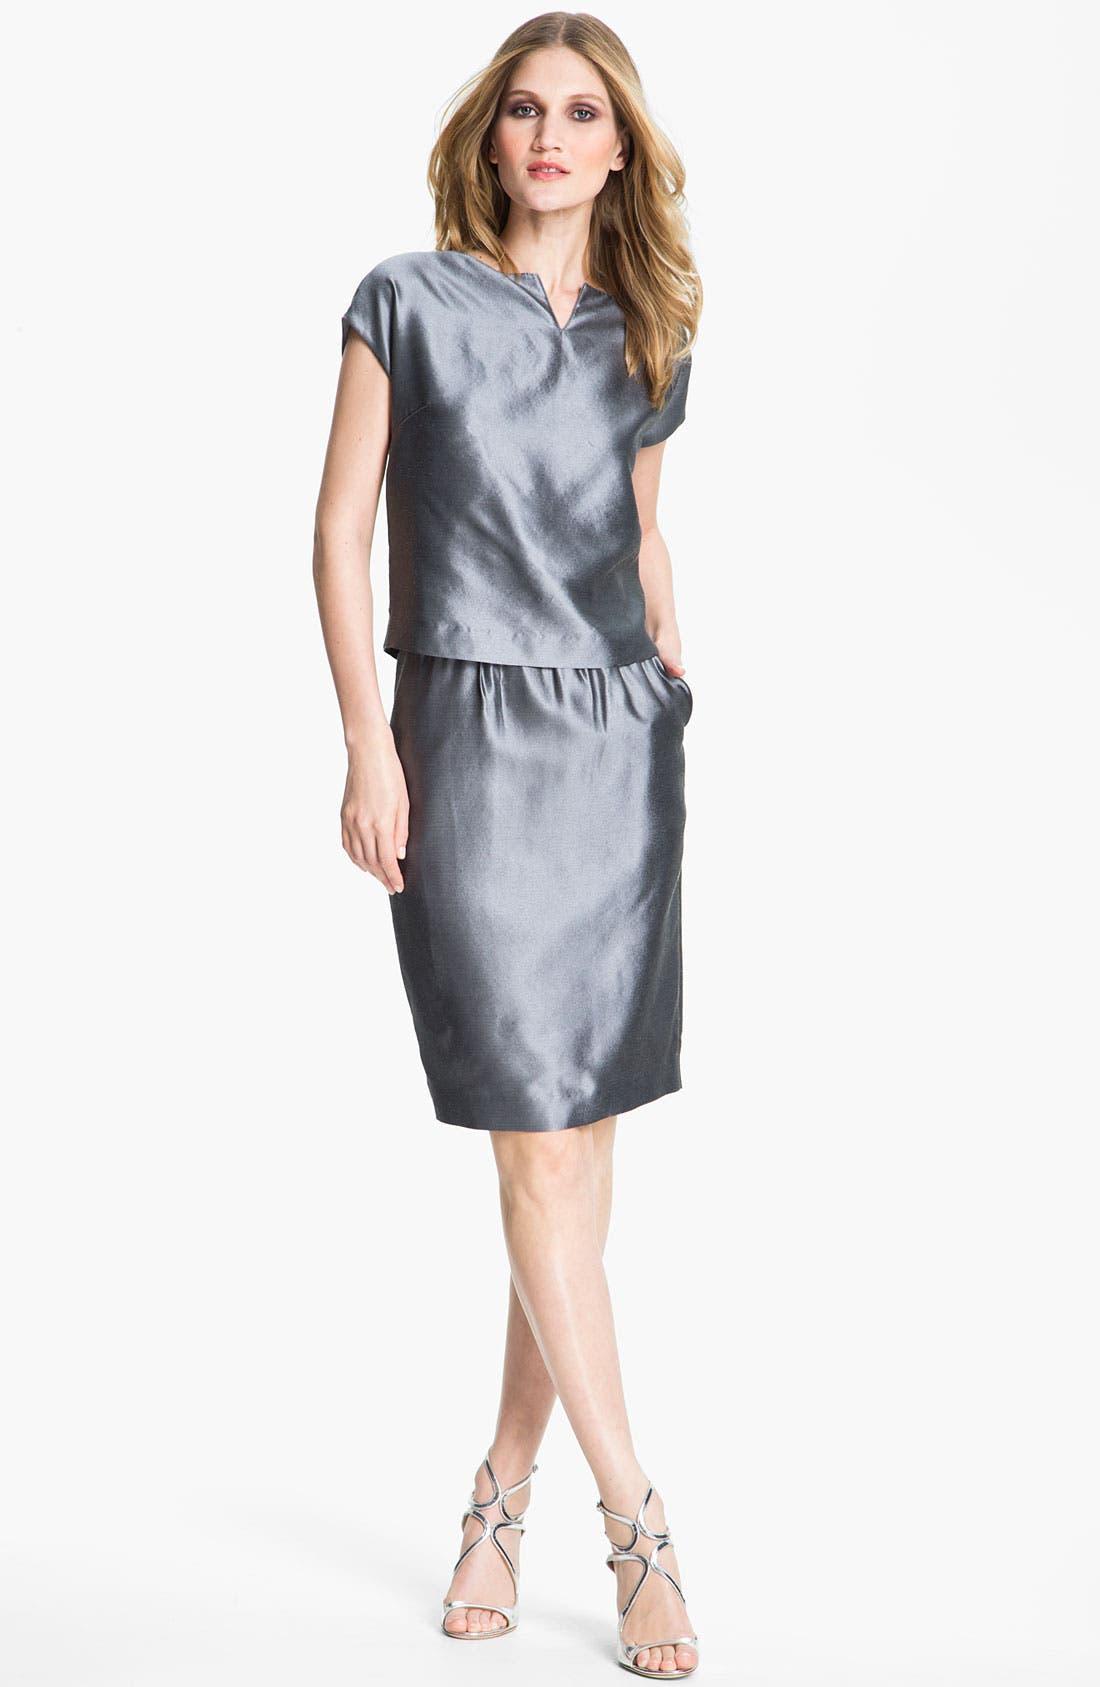 Alternate Image 1 Selected - St. John Collection Taffeta Skirt